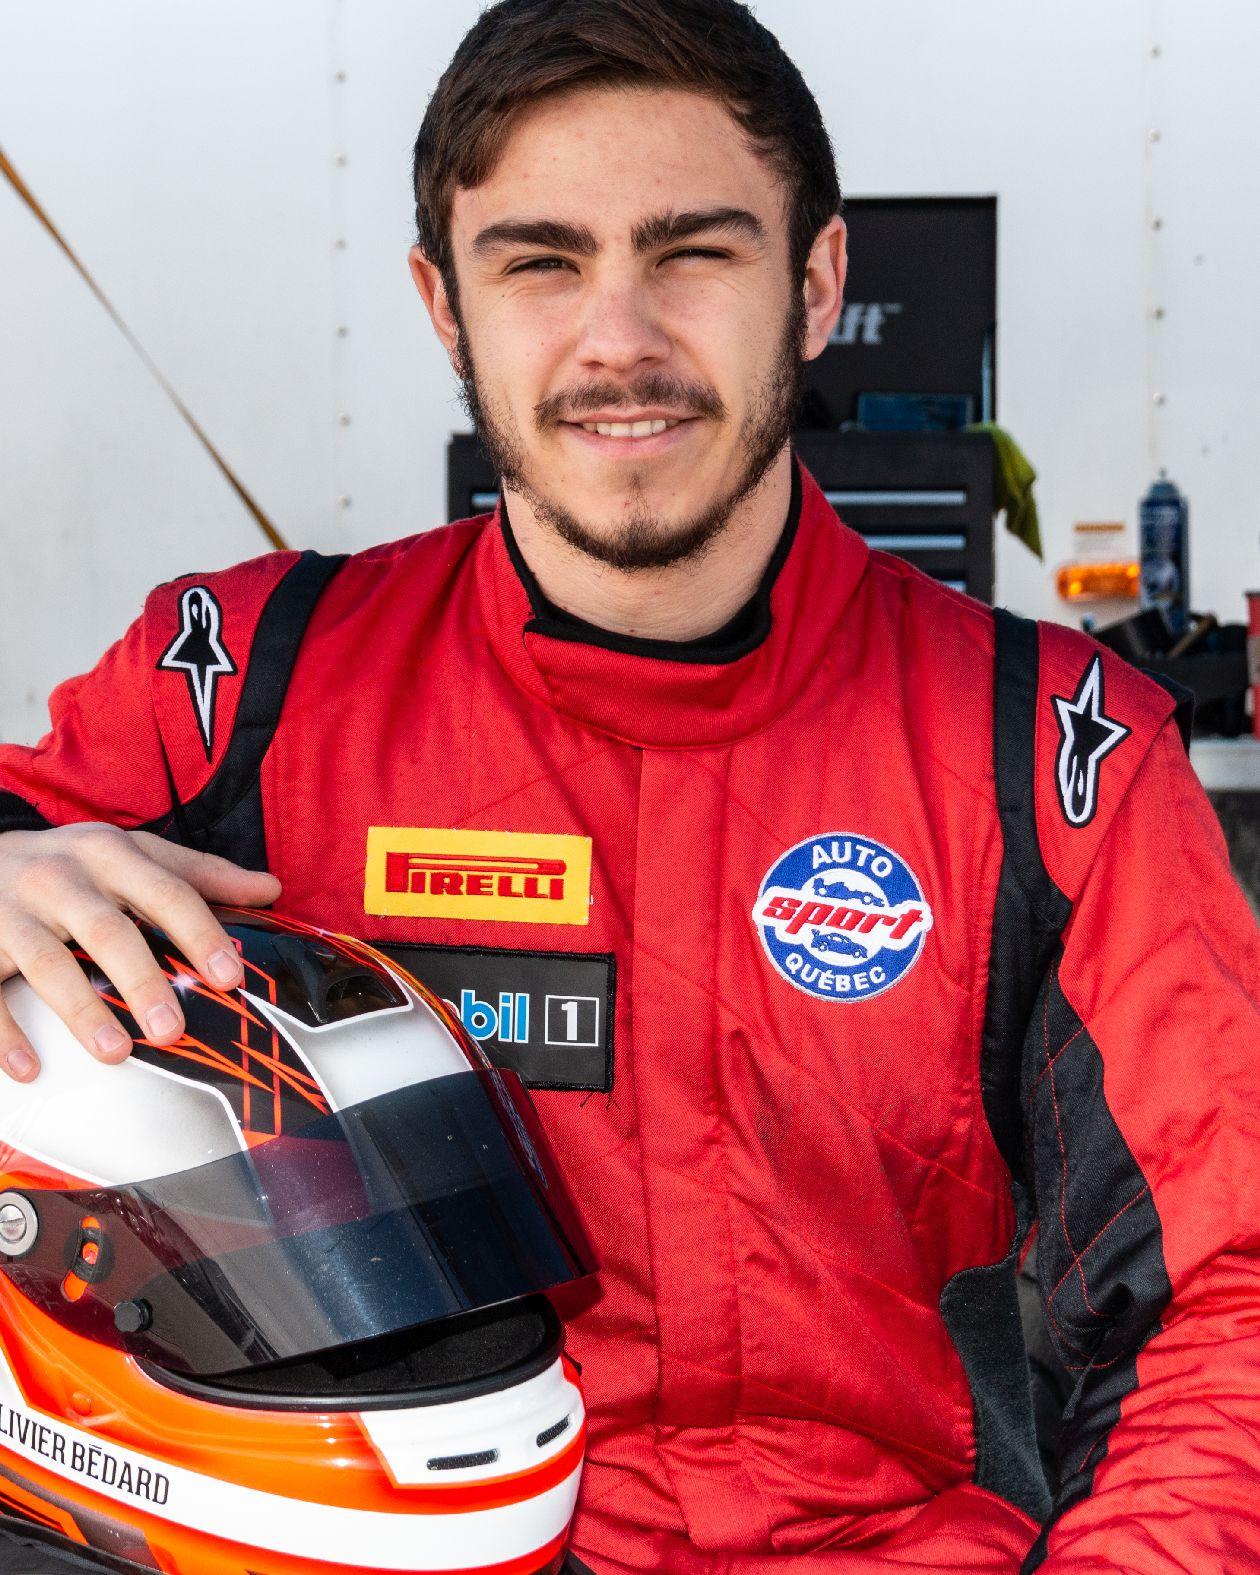 Olivier Bedard